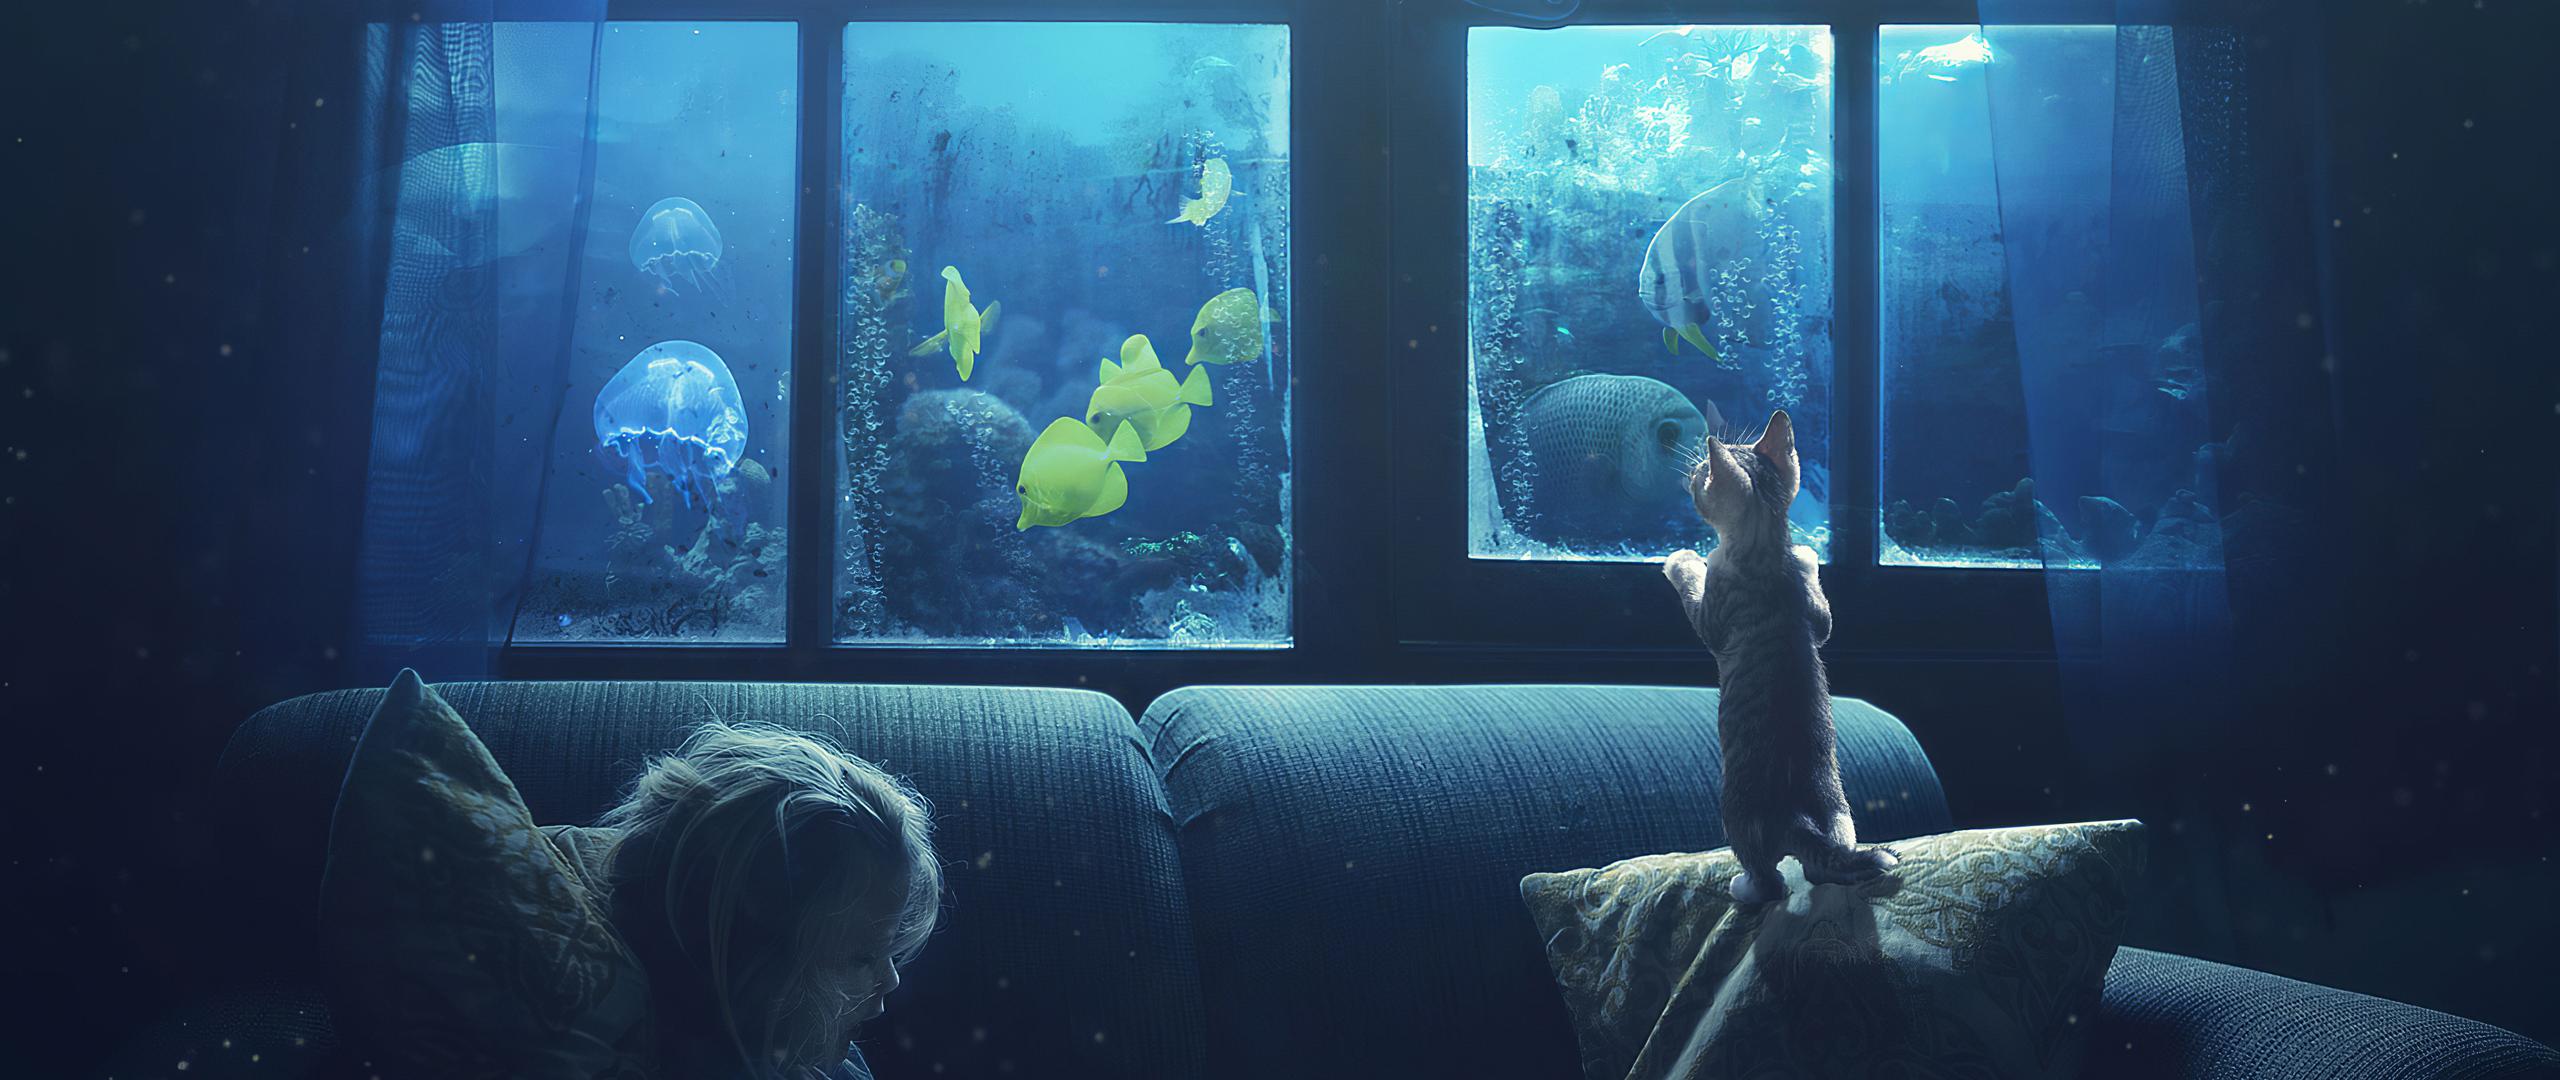 little-girl-reading-book-cat-manipulation-a4.jpg